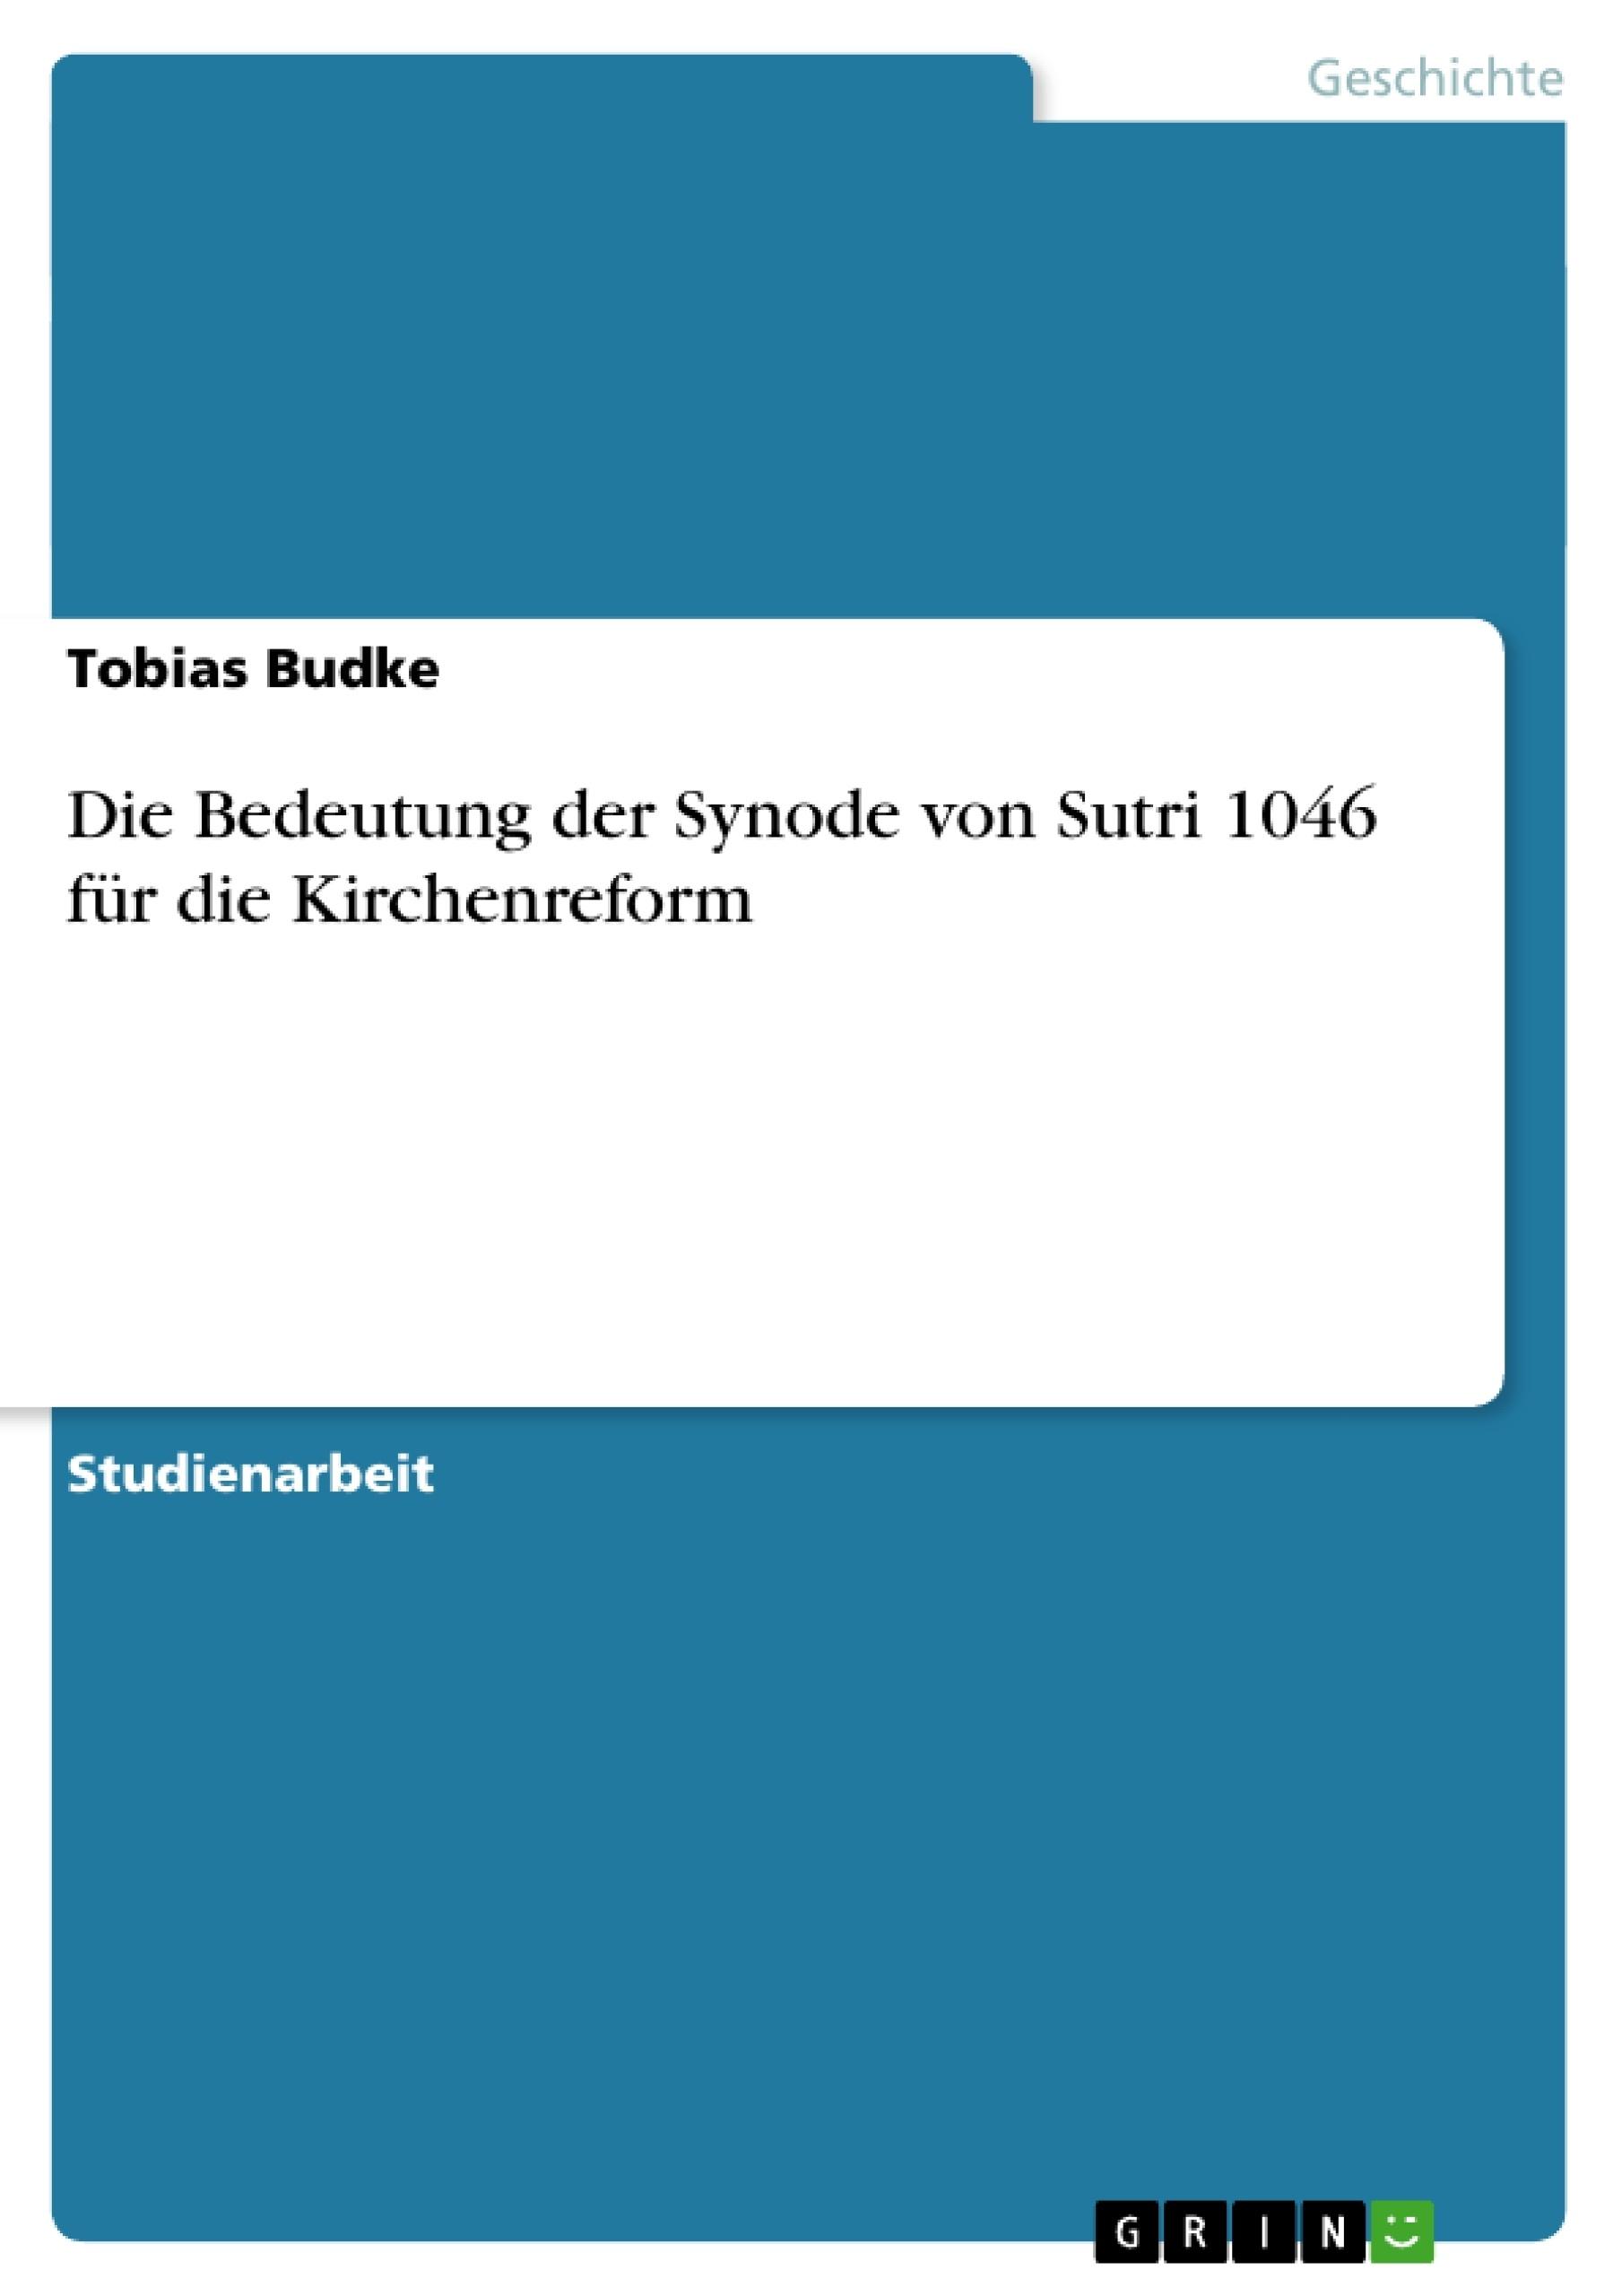 Titel: Die Bedeutung der Synode von Sutri 1046 für die Kirchenreform